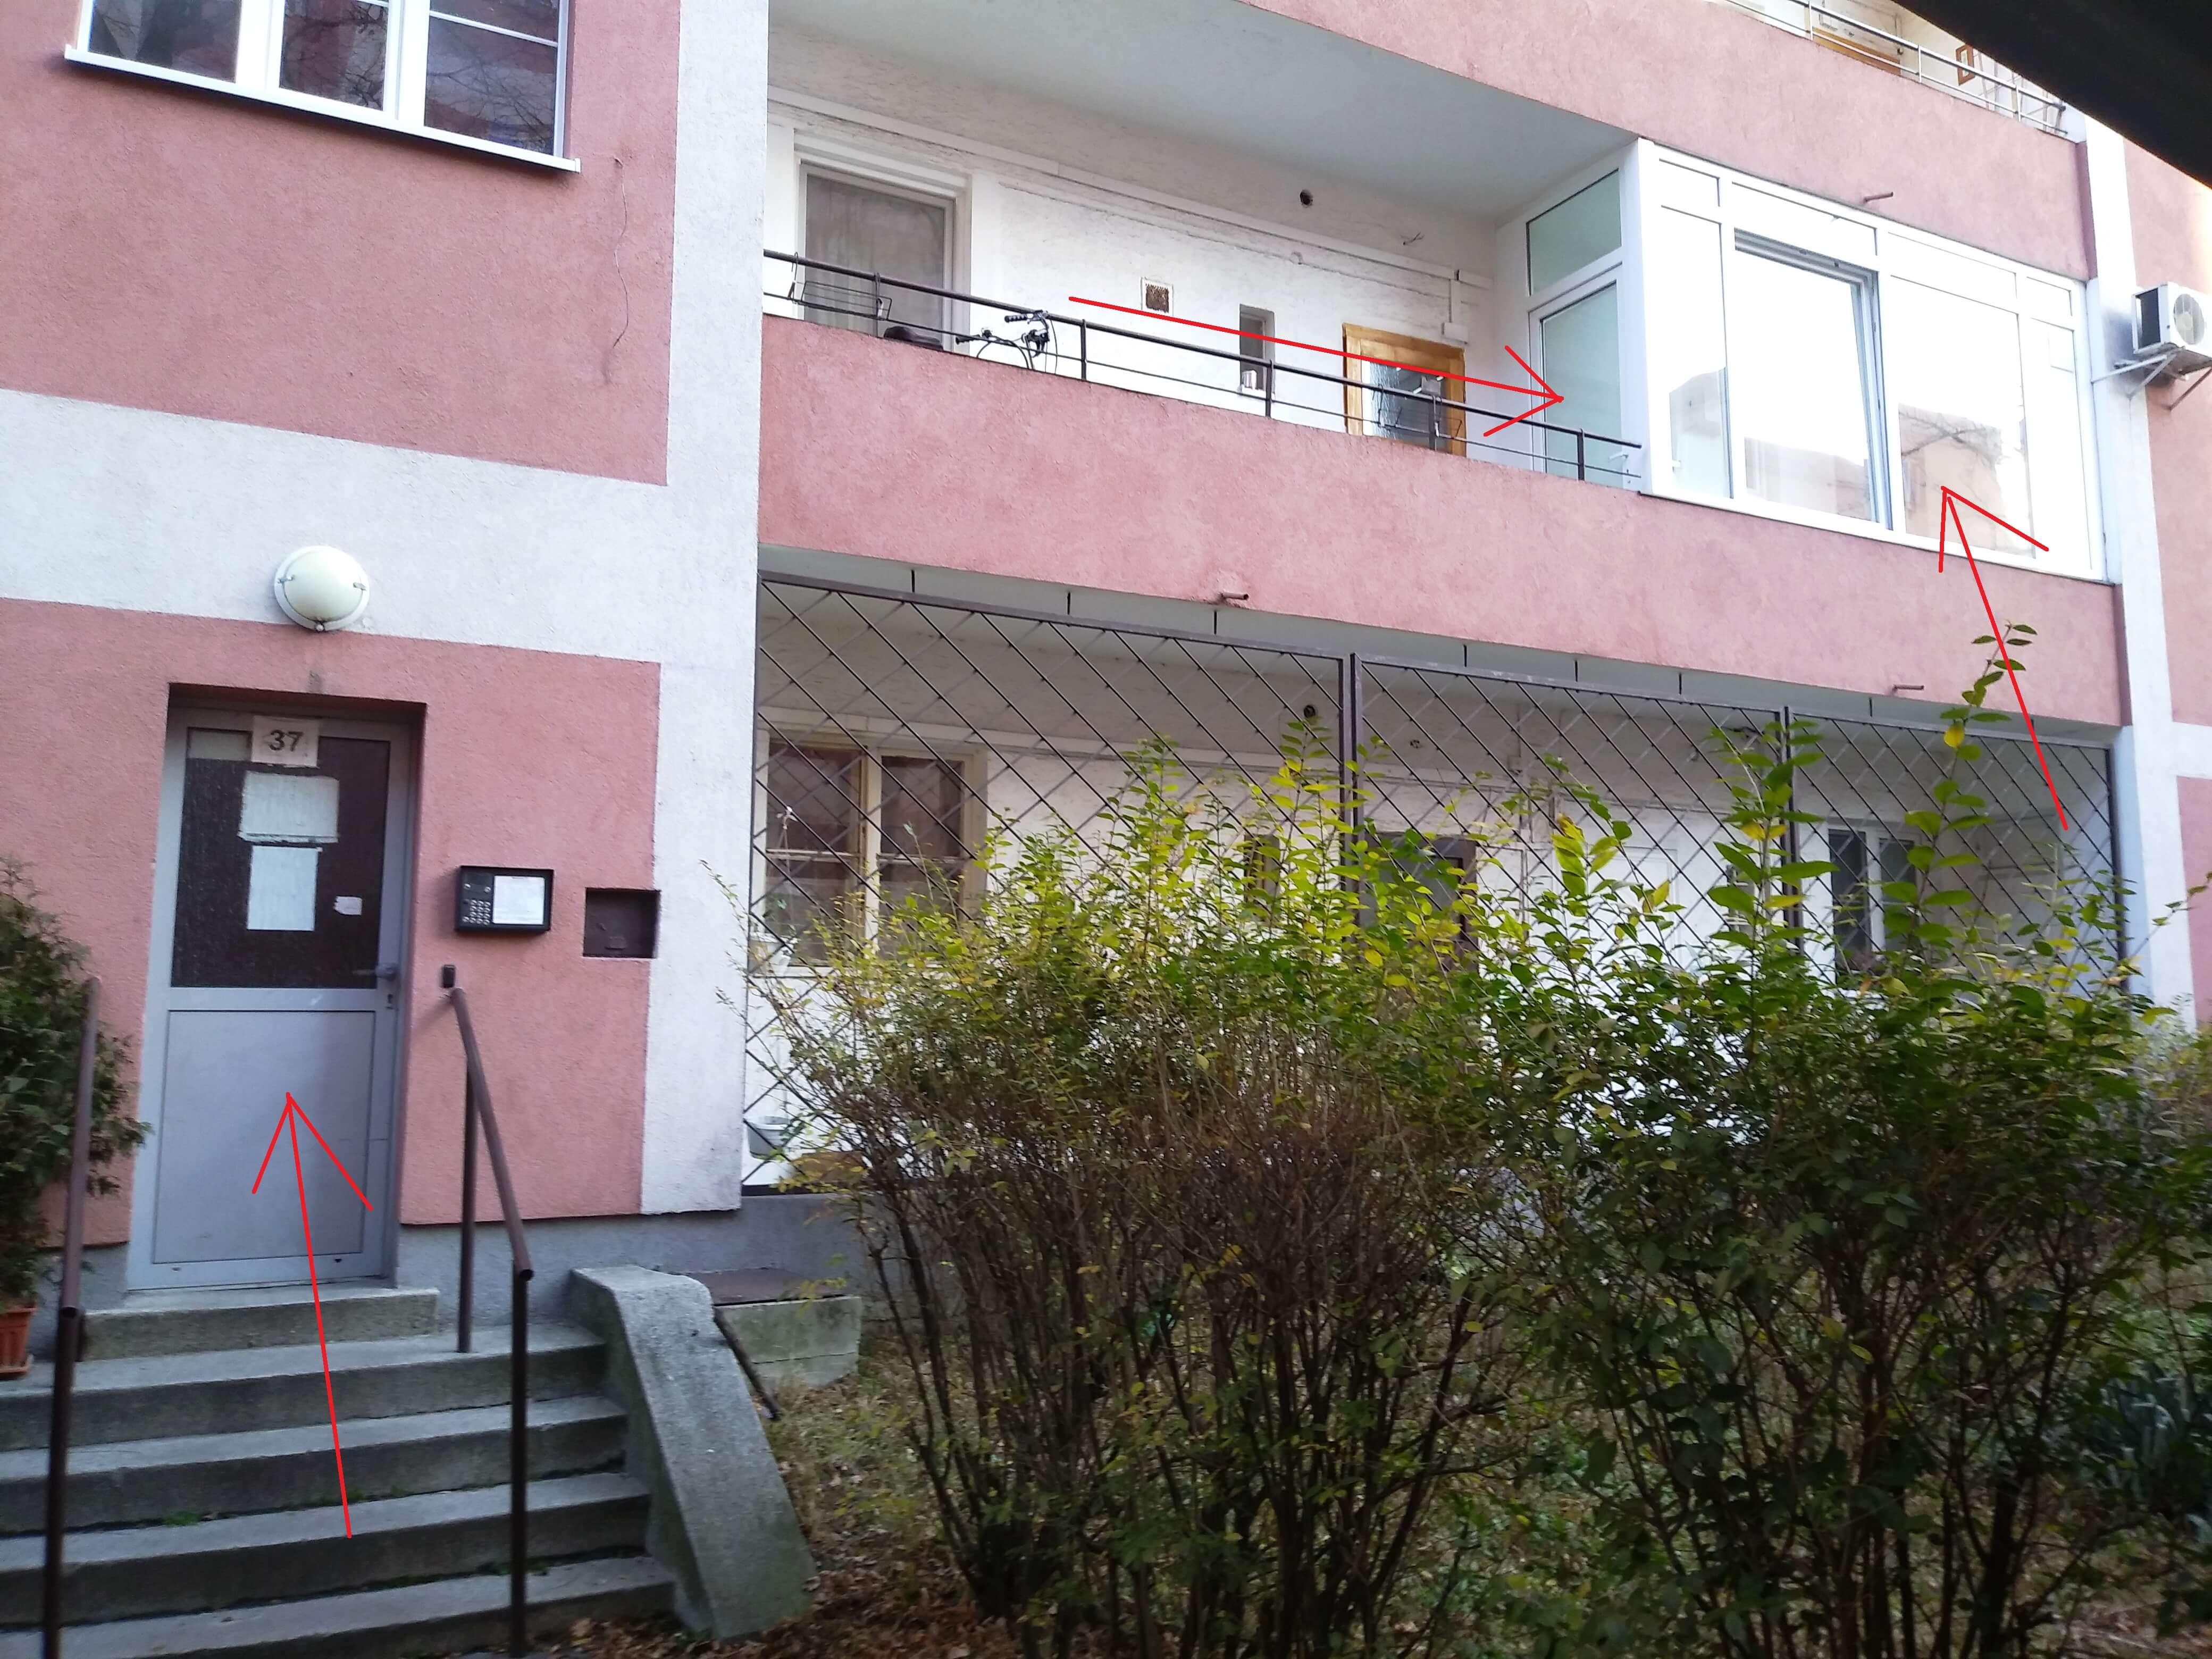 Predaj exkluzívneho 2 izb. bytu, staré mesto, Šancová ulica, Bratislava, 75m2, kompletne zariadený-1